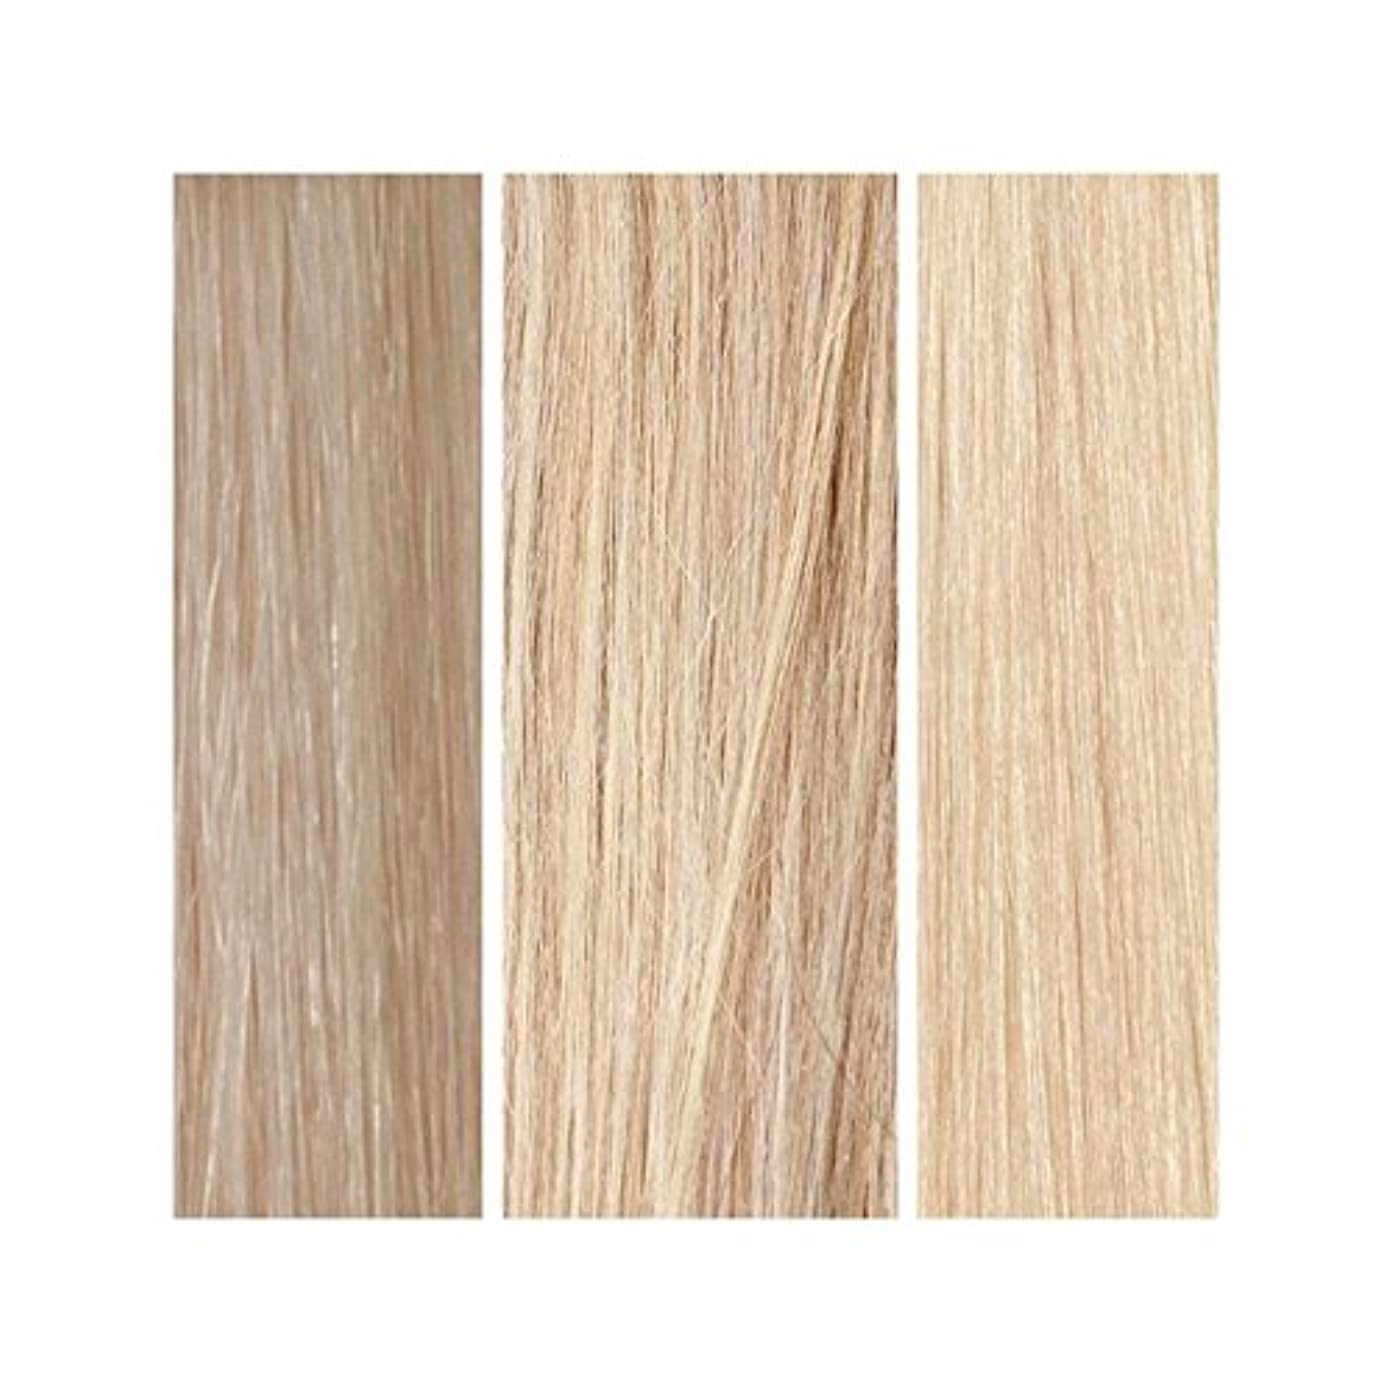 あらゆる種類の対応実り多いBeauty Works 100% Remy Colour Swatch - Light Blonde Bundle - ライトブロンドバンドル - 美しさは、100%レミーの色見本を働きます [並行輸入品]